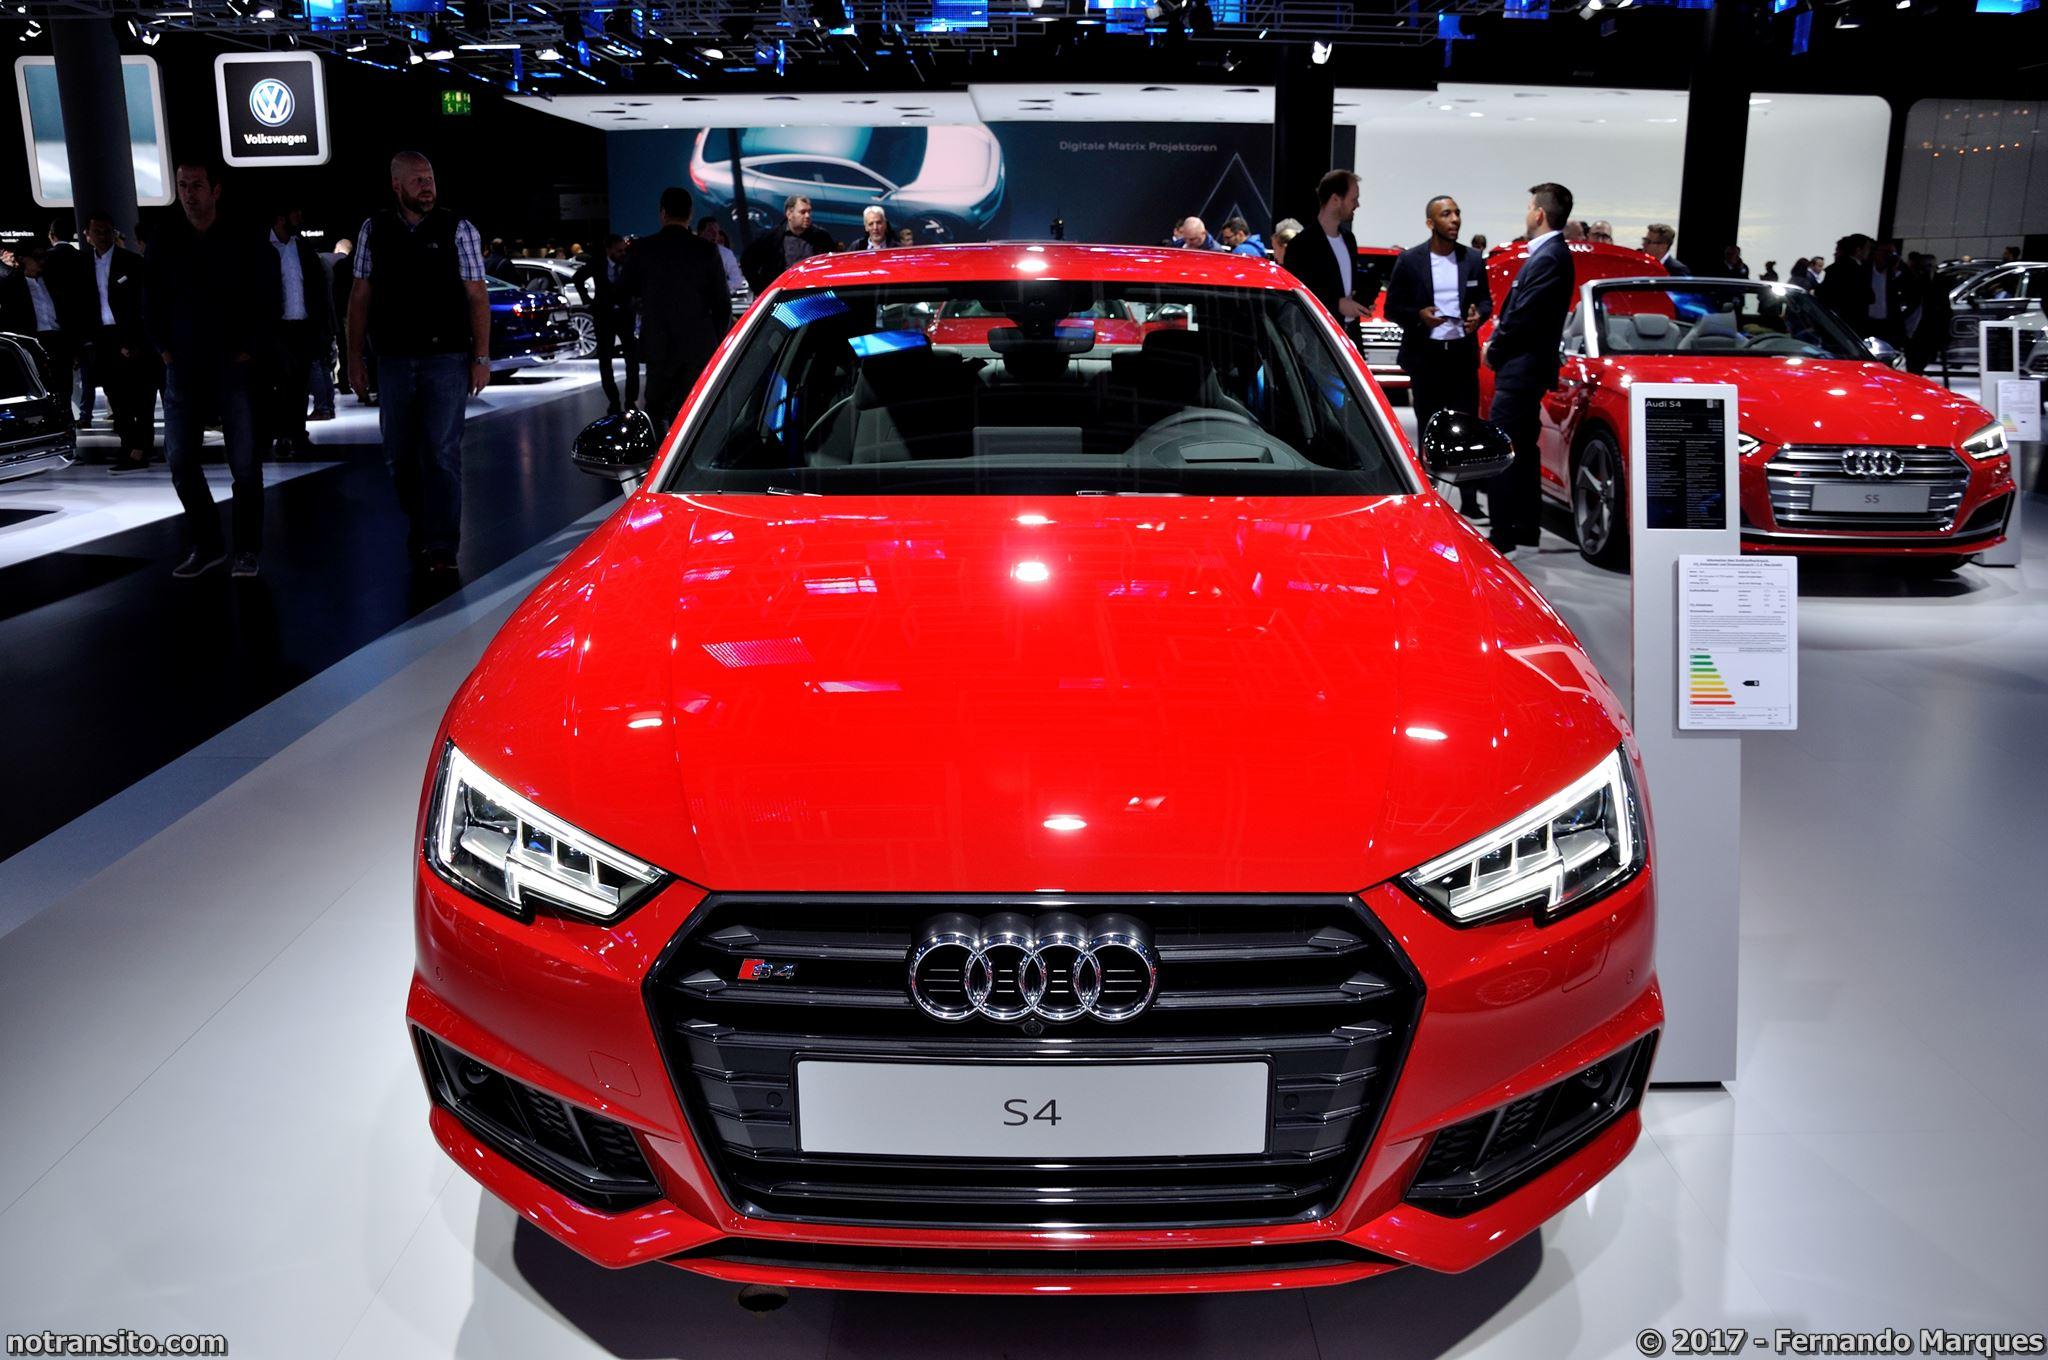 Audi-S4-Seda-Frankfurt-2017-001